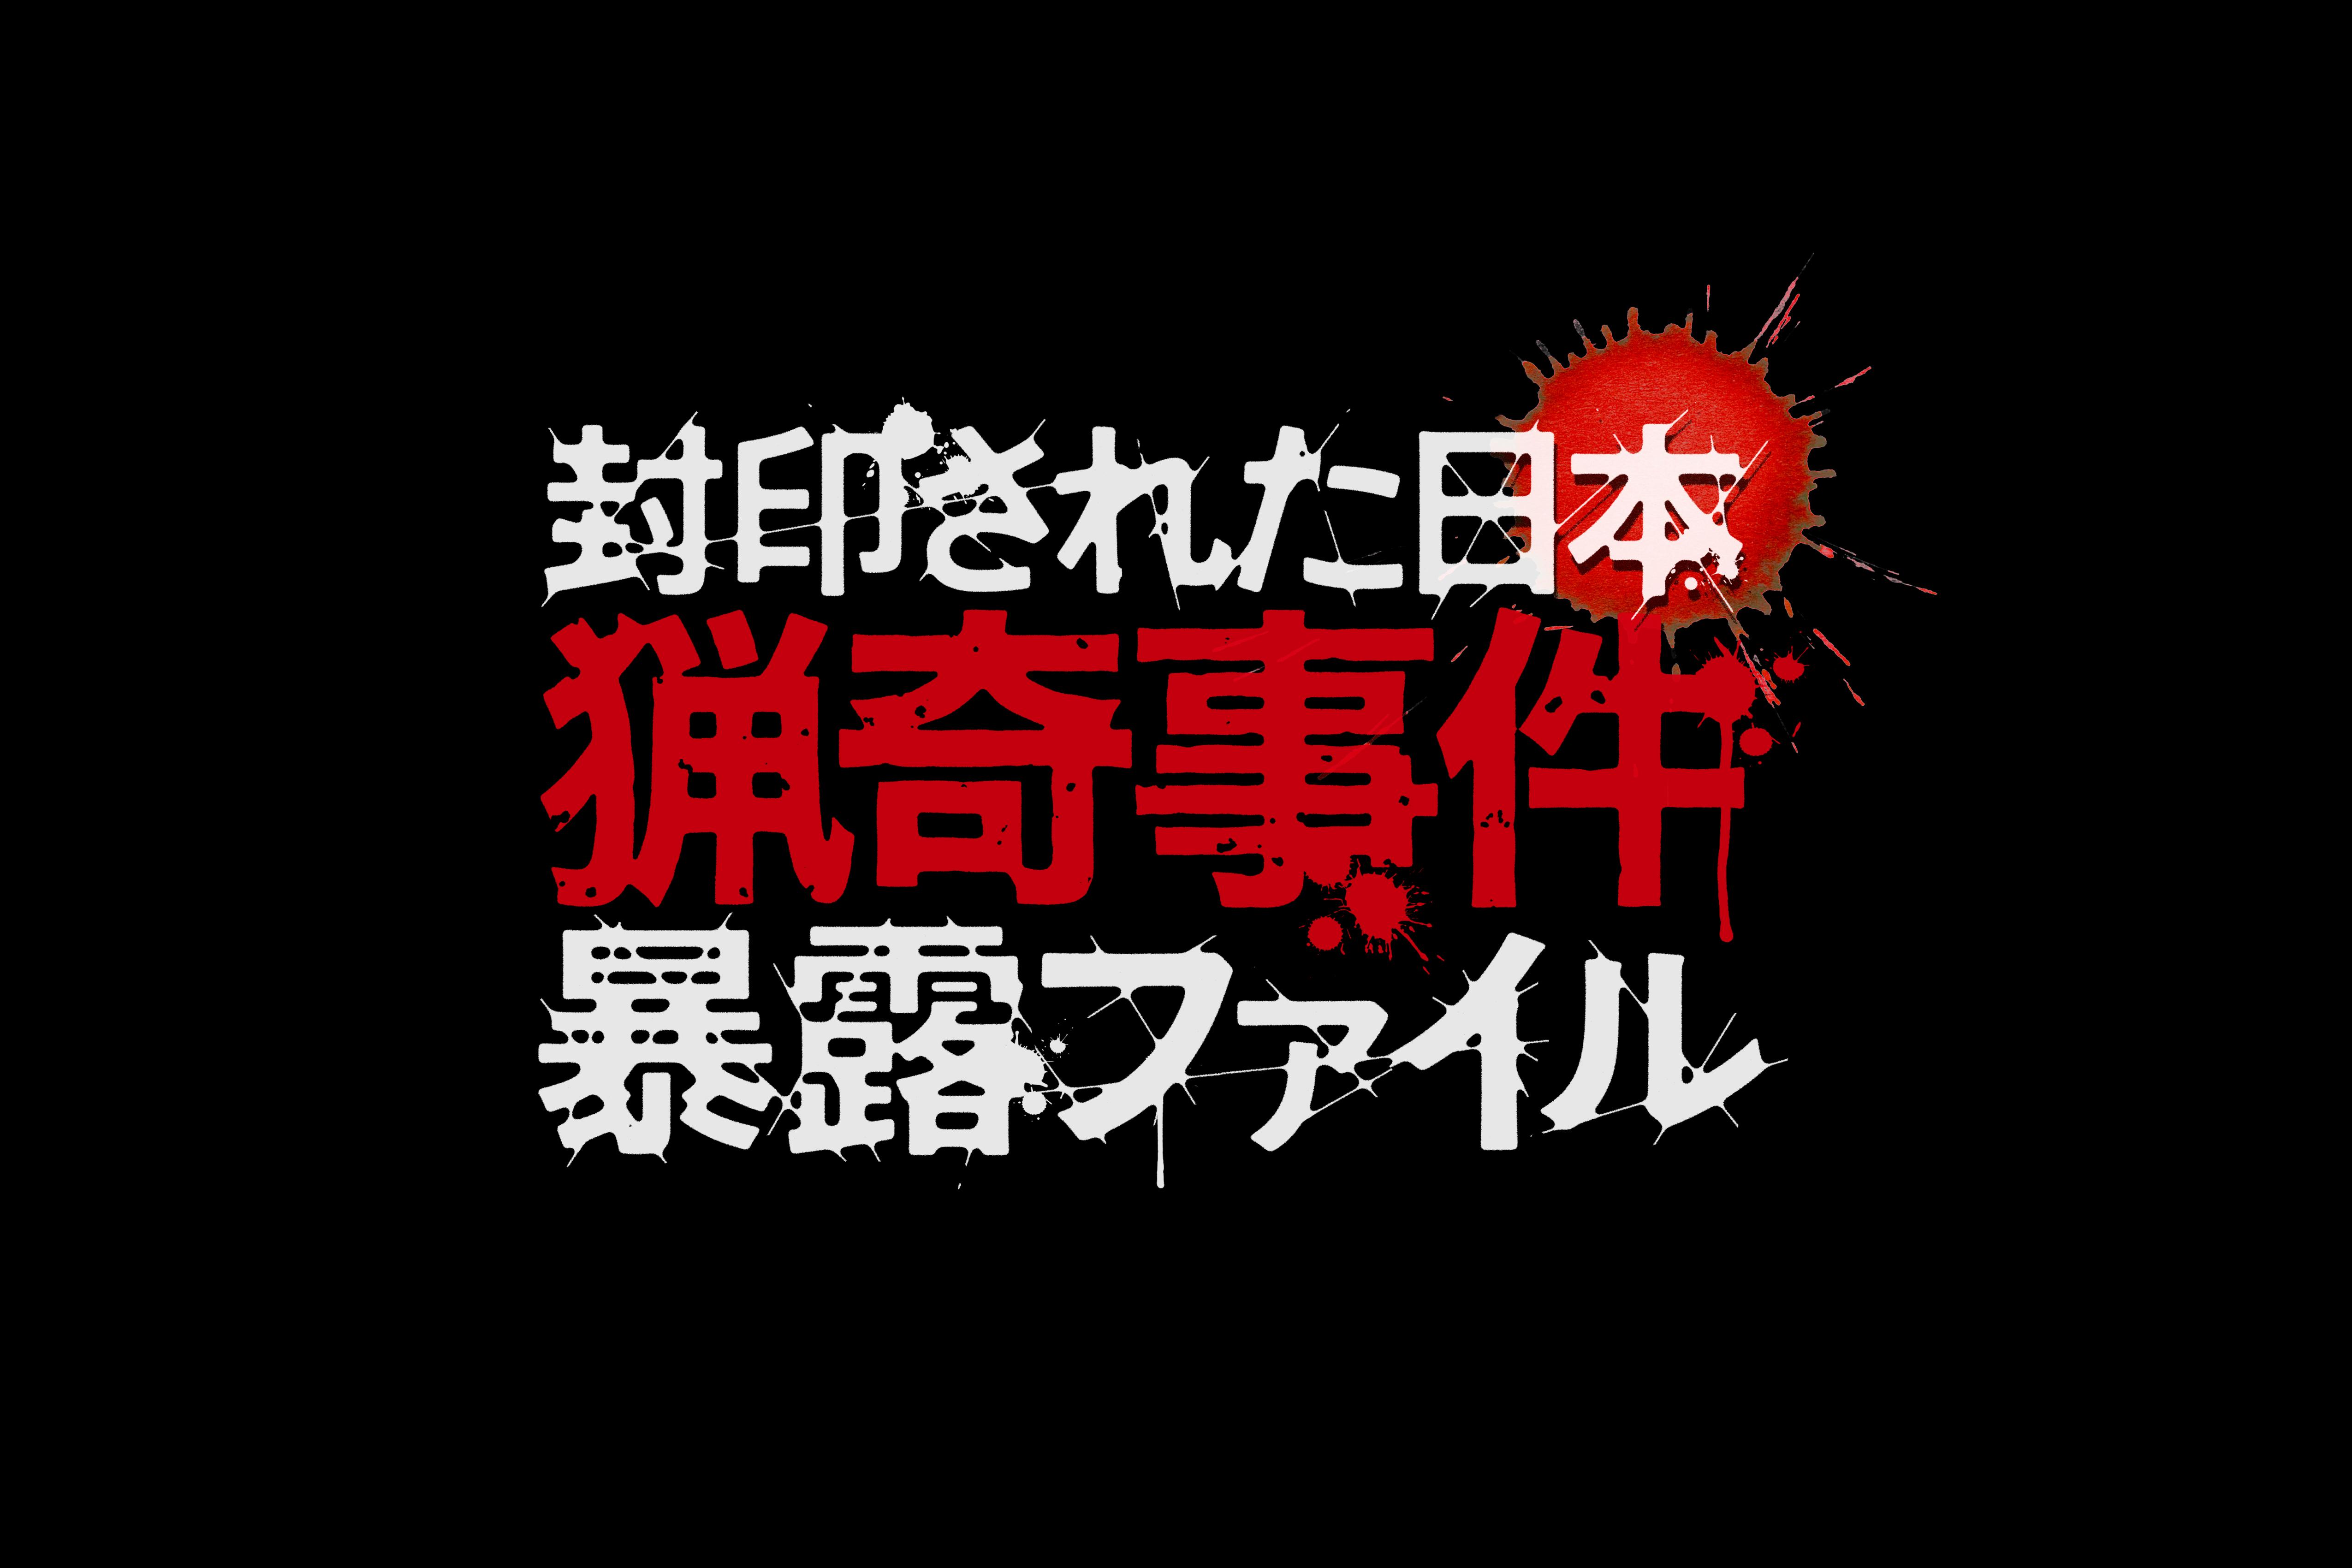 封印された日本猟奇事件暴露ファイル